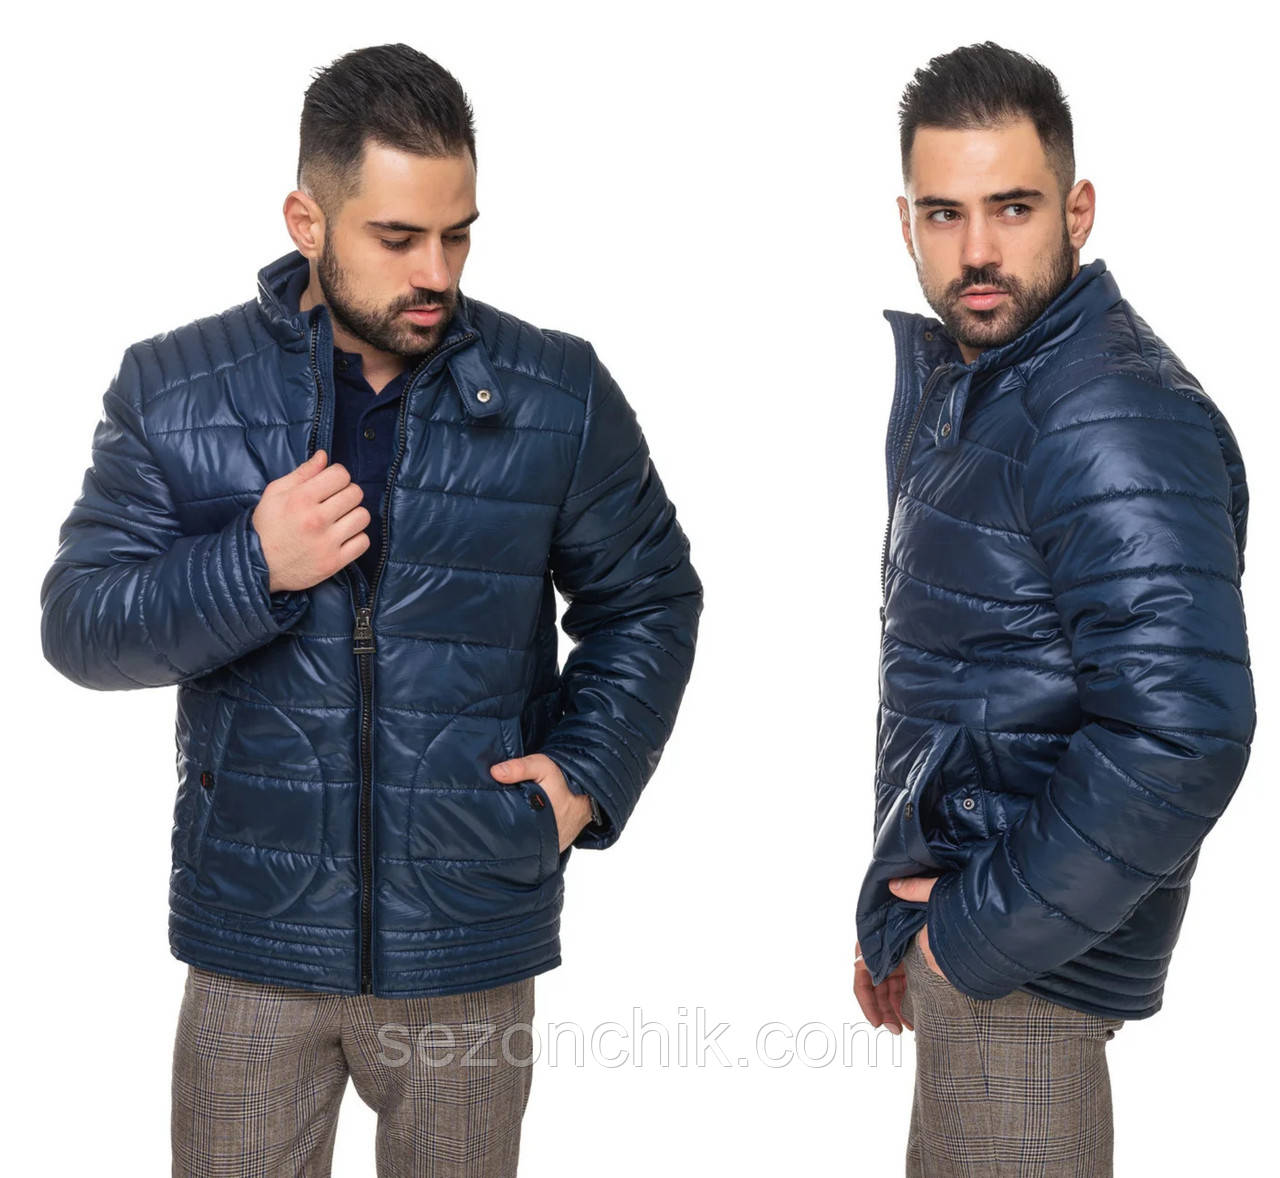 Модные мужские куртки интернет магазин